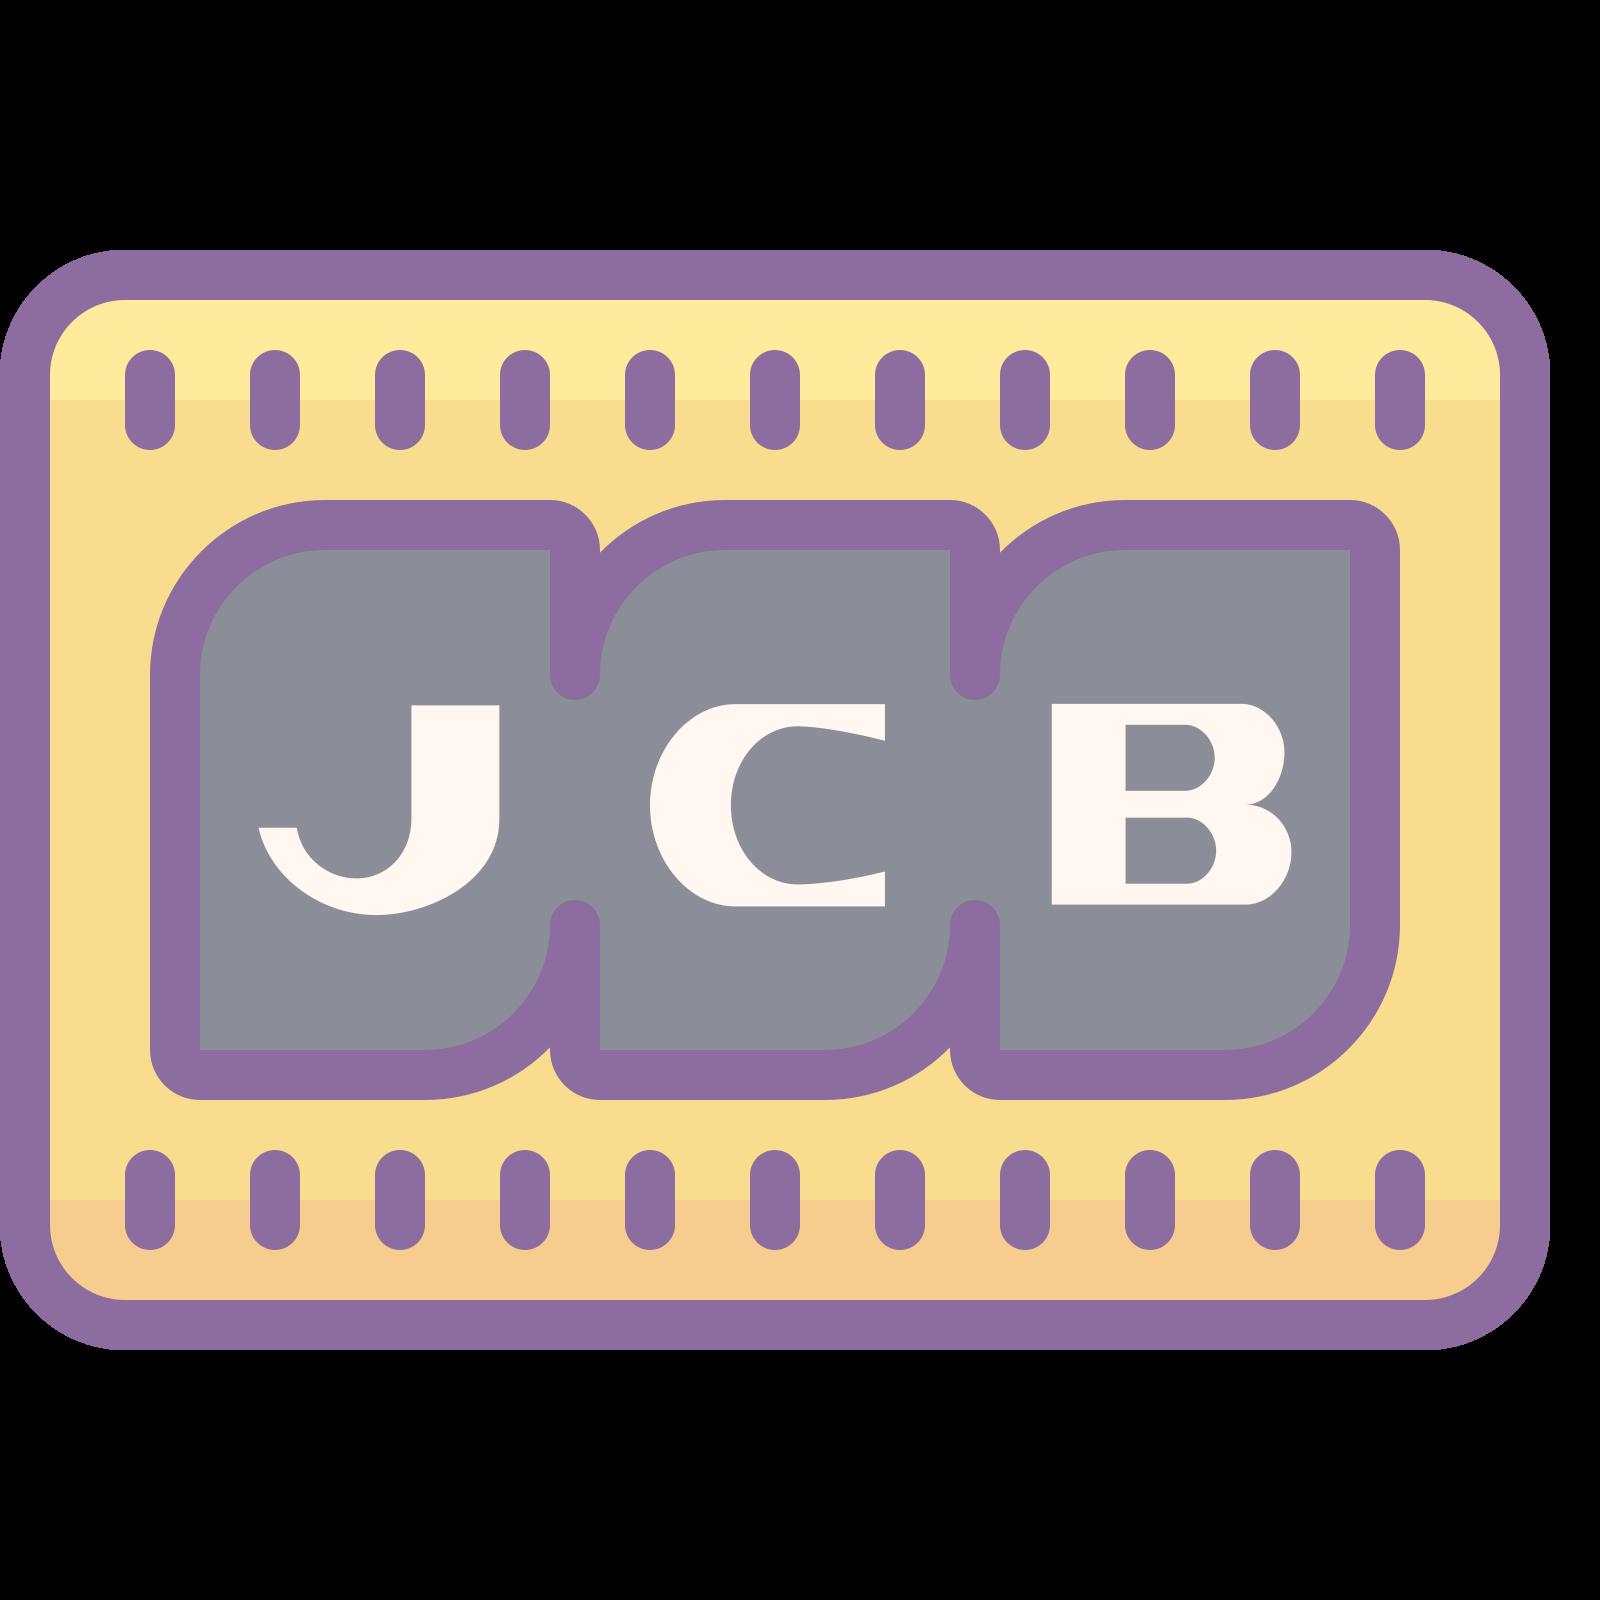 JCB icon